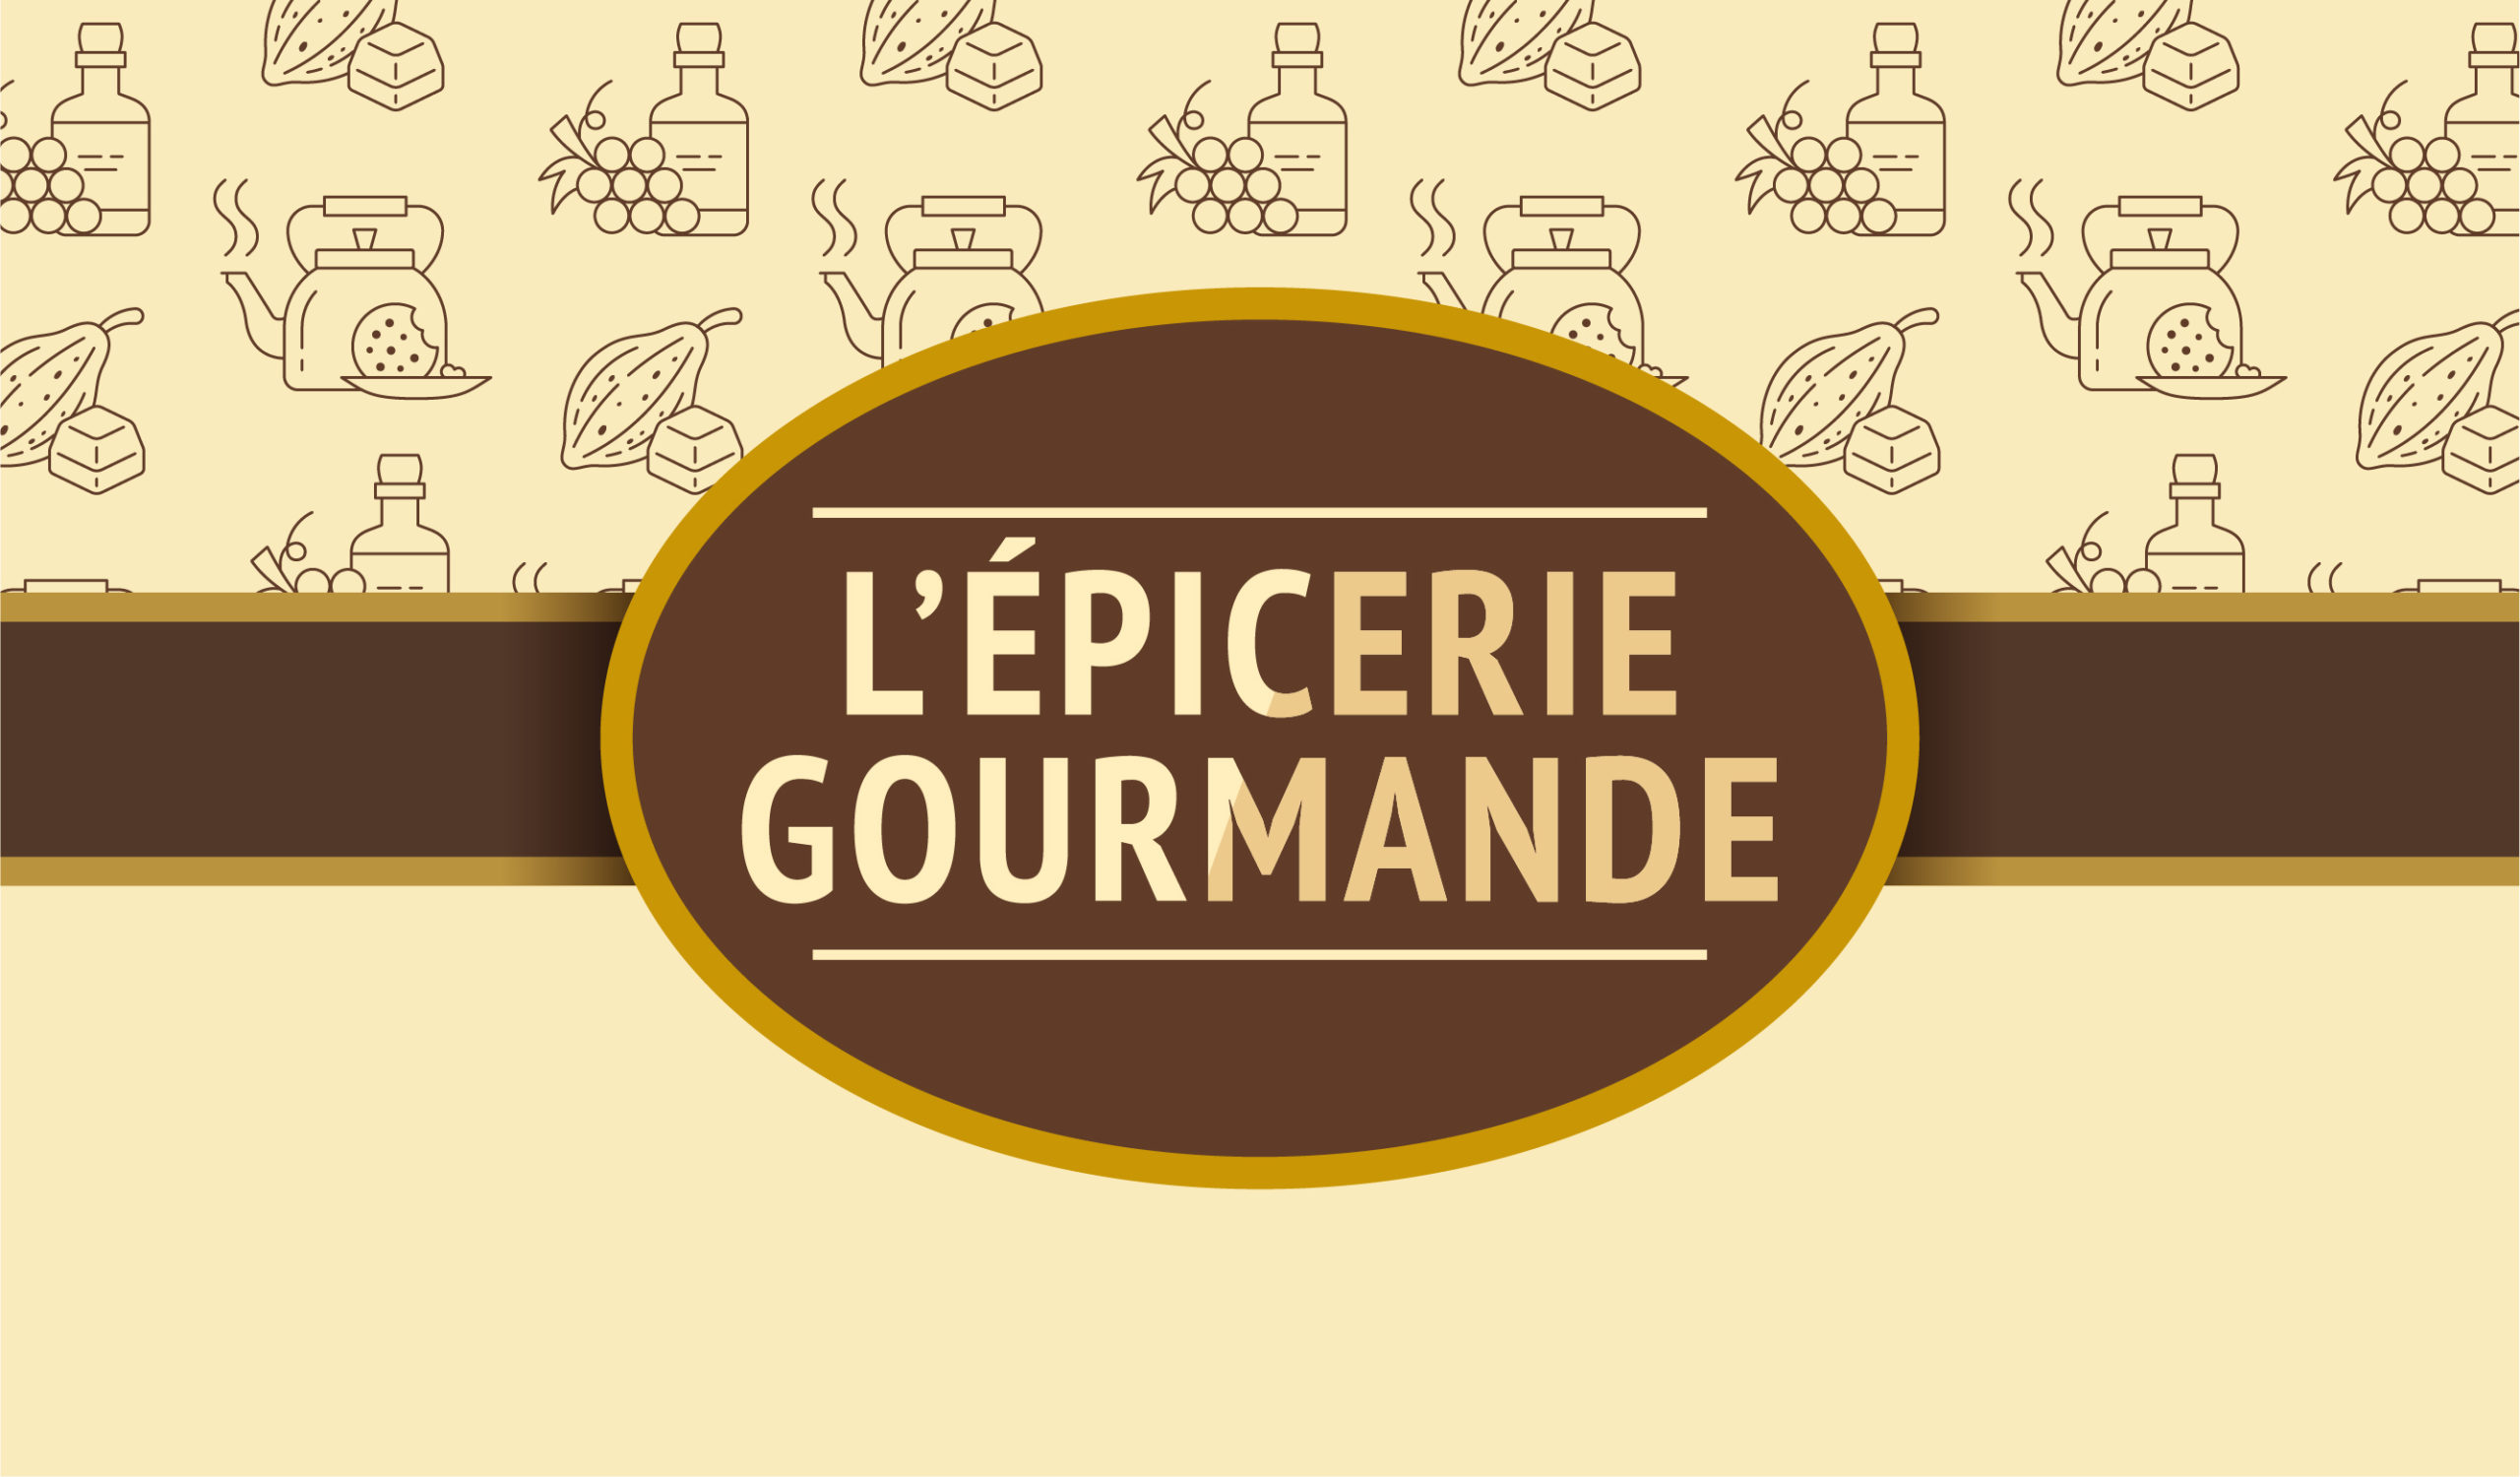 epicerie_gourmande